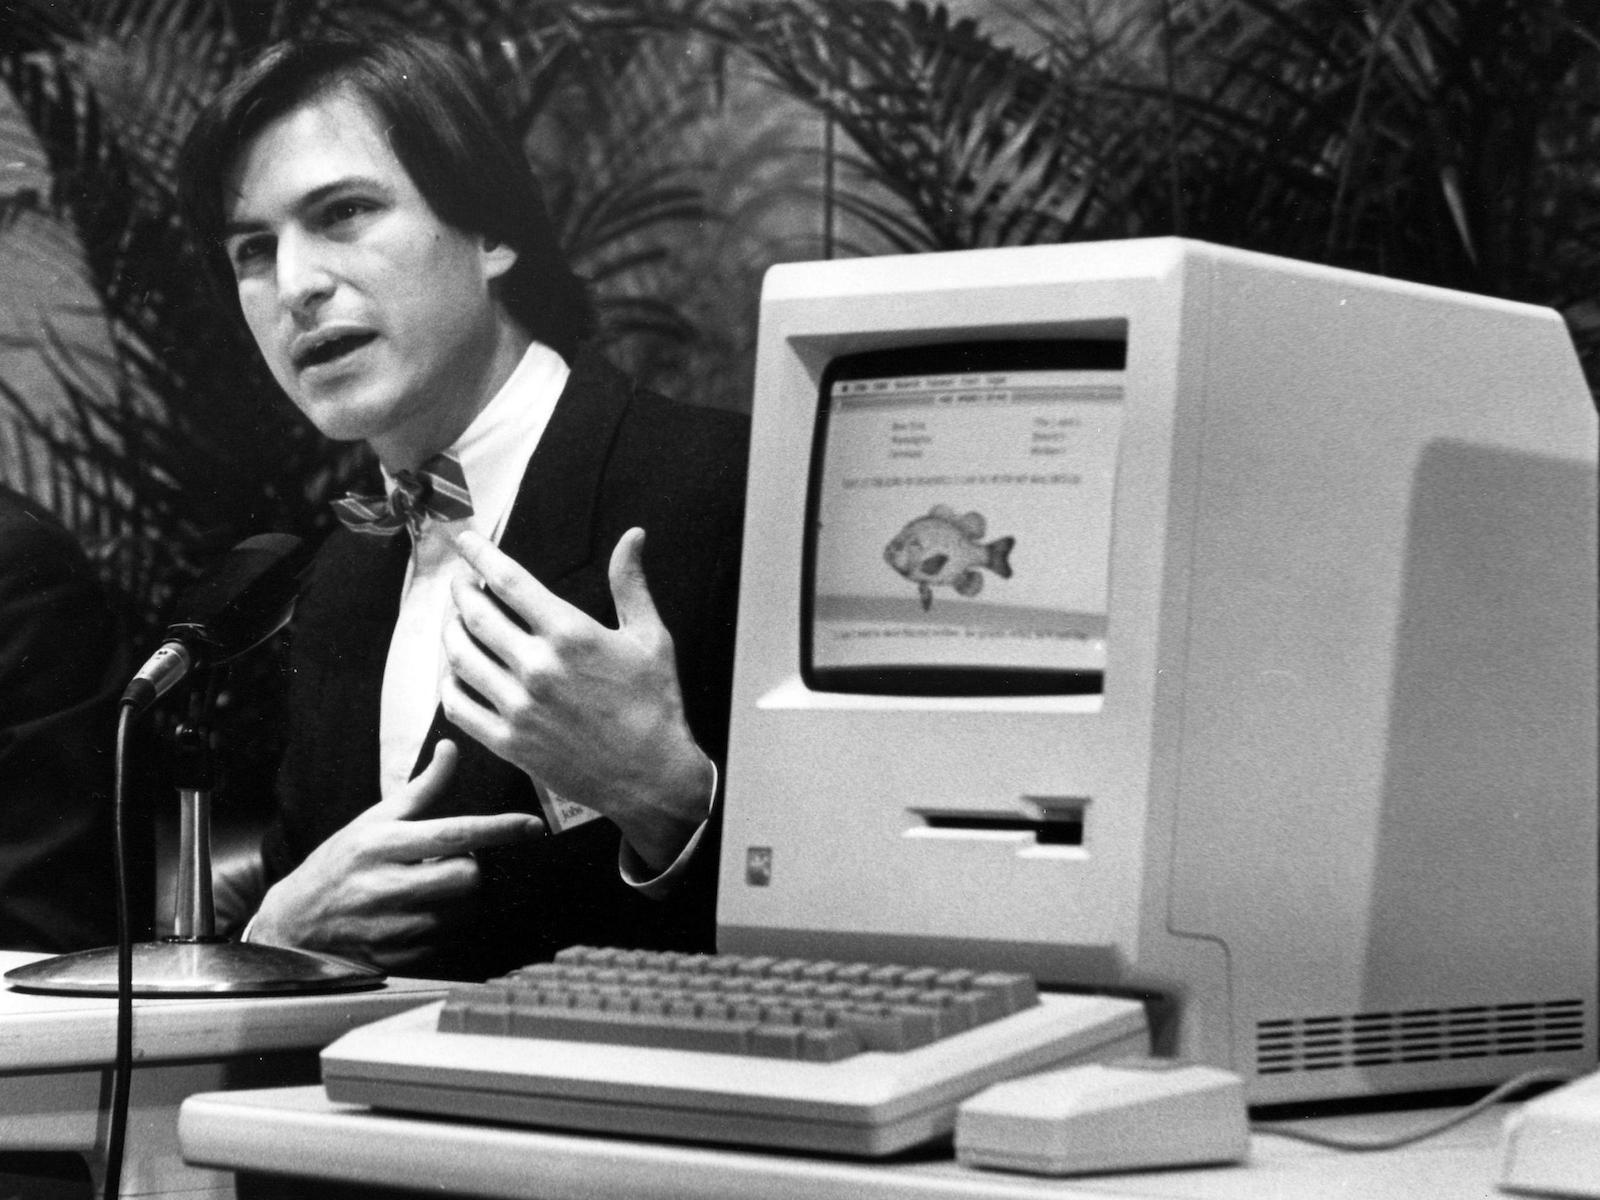 Steve Jobs bên cạnh chiếc máy Macintosh vào ngày 24 tháng 1 năm 1984